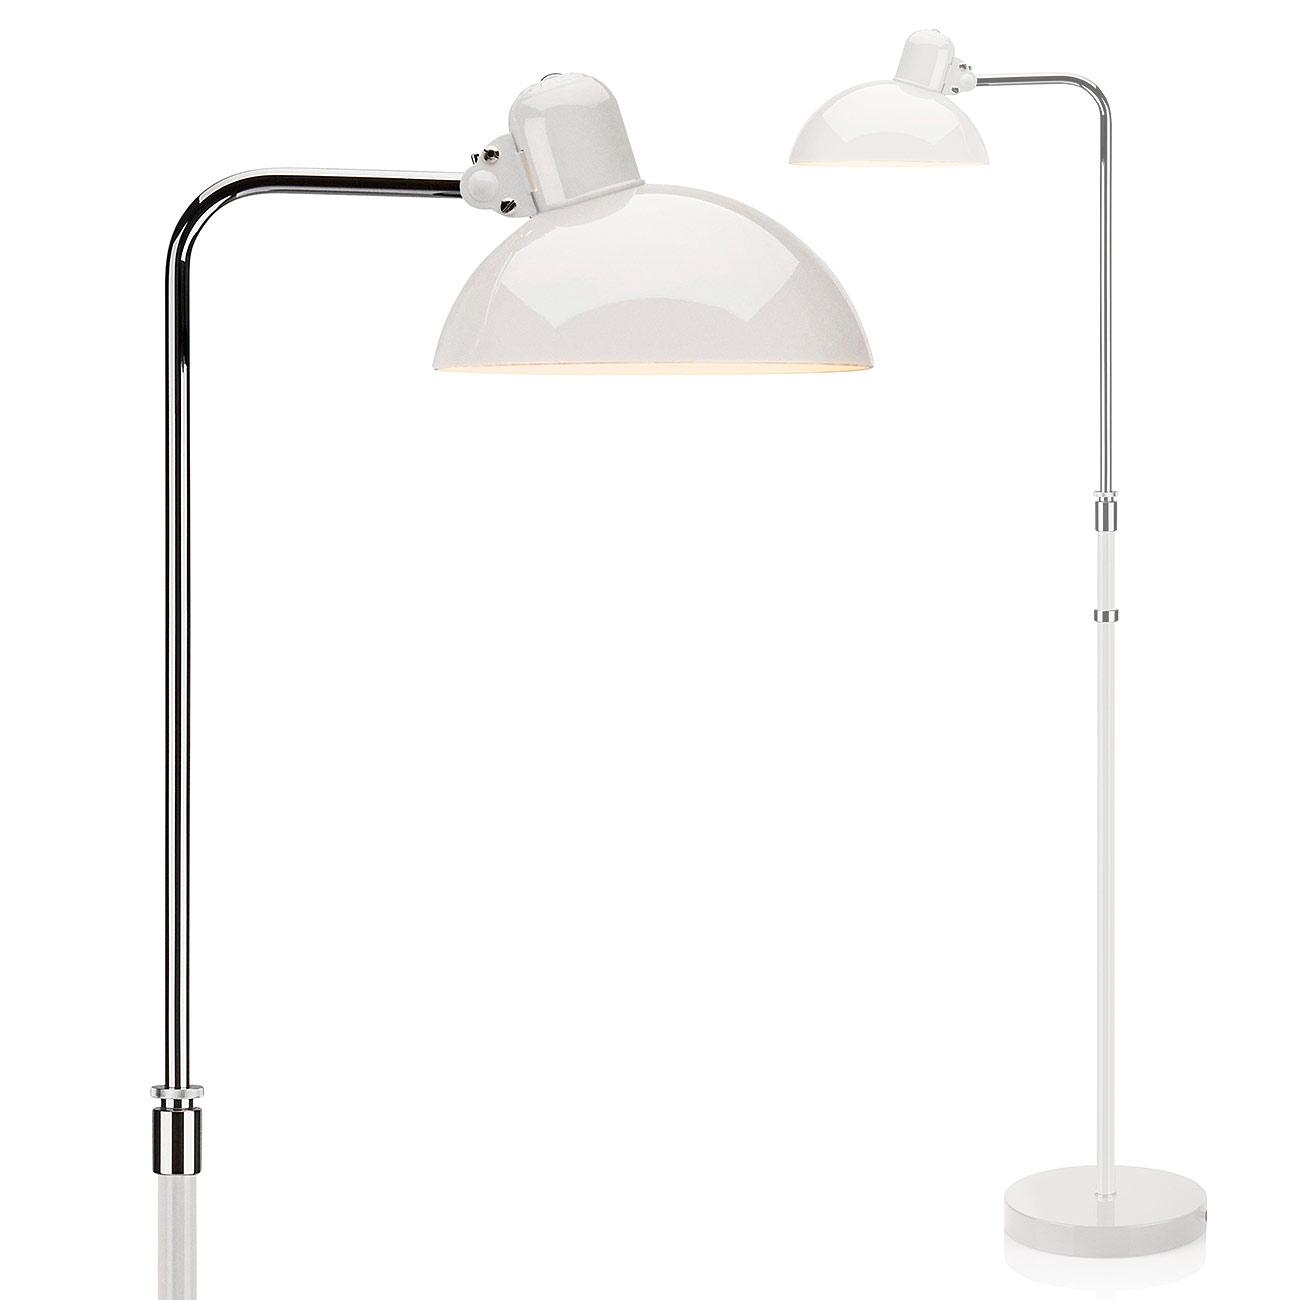 Weisse Bauhaus Stehlampe 6580 F Von Christian Dell Ideale Leselampe